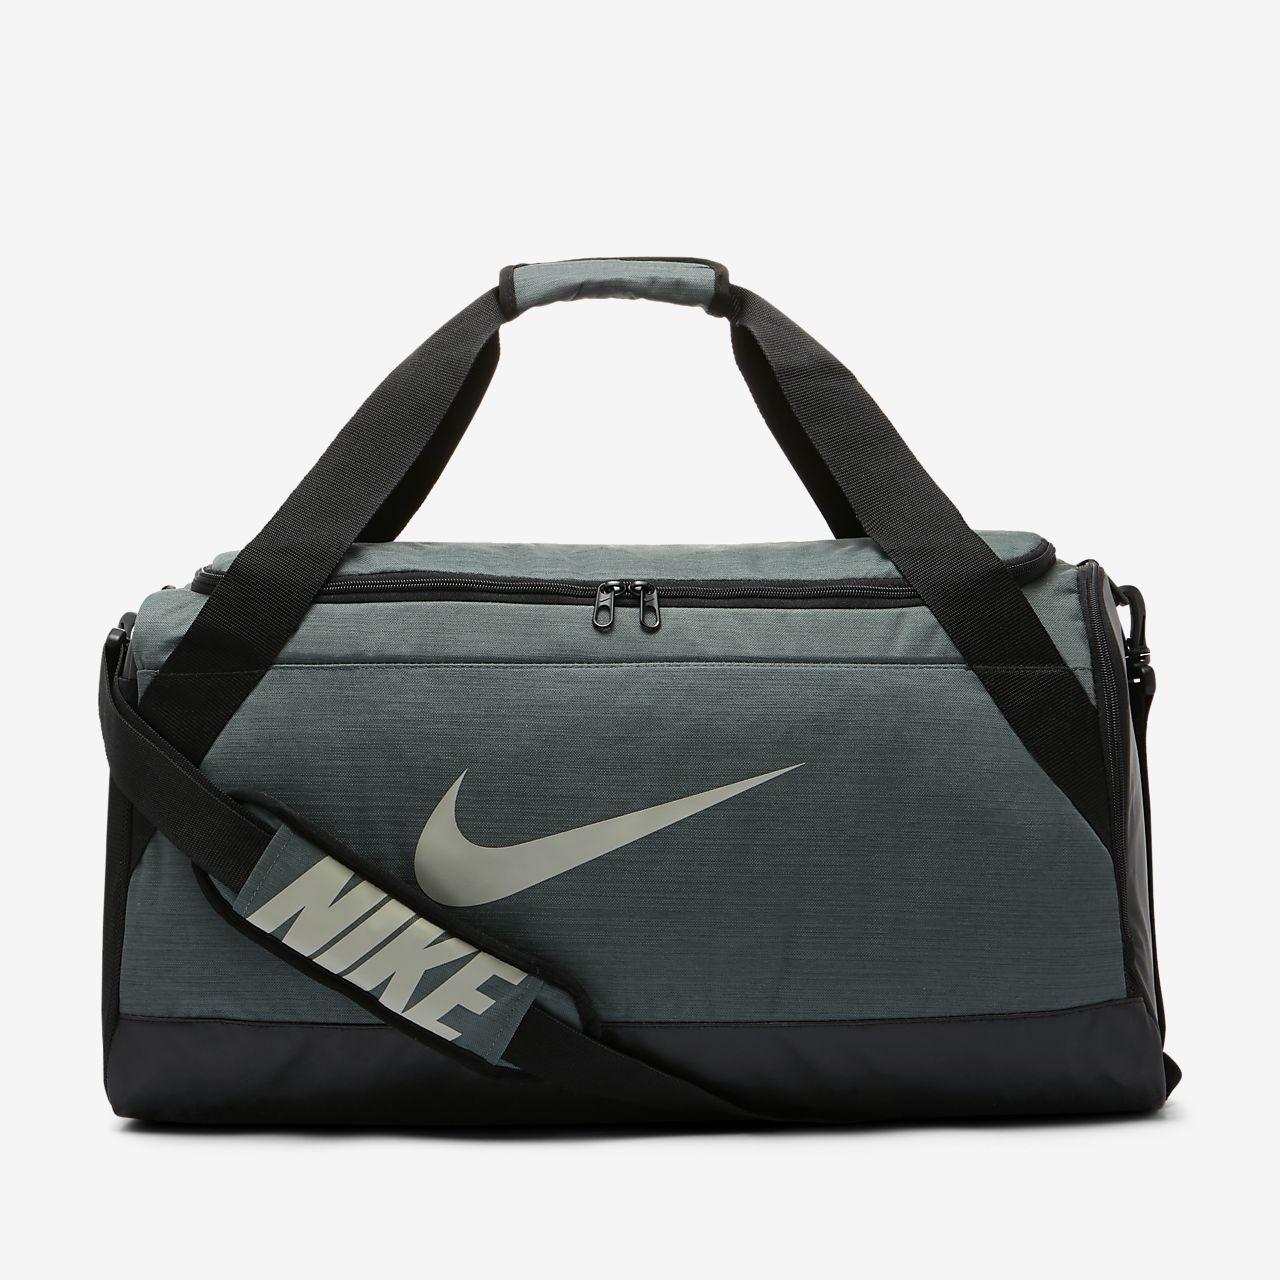 Lona Entrenamiento Sportswear Brasiliamediano De Nike Bolso POkZTiXu